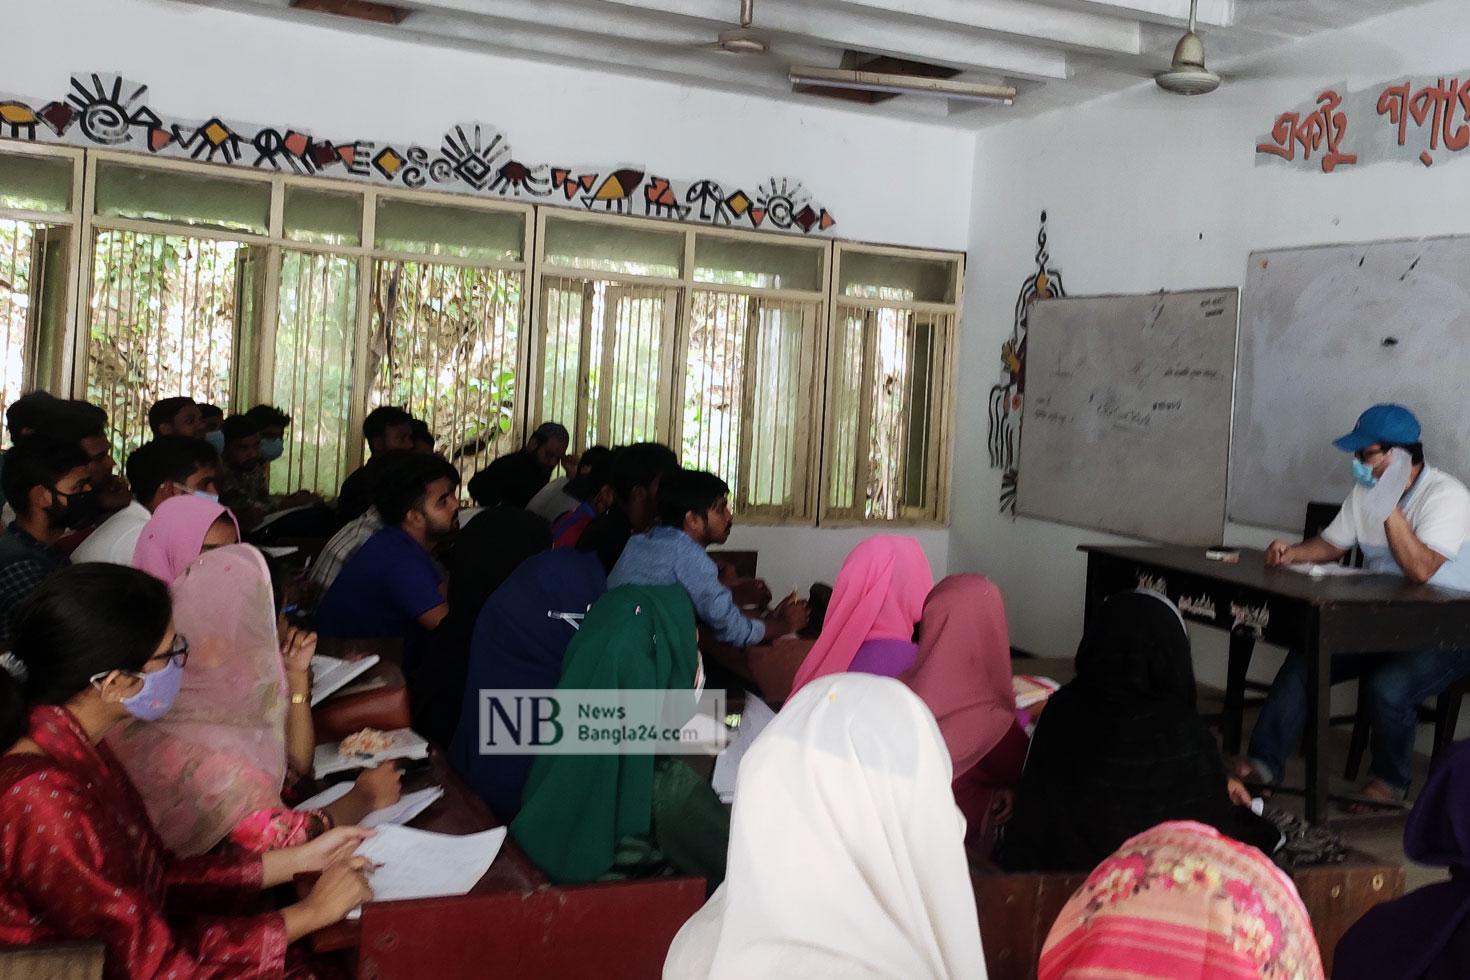 চট্টগ্রাম বিশ্ববিদ্যালয়ে শ্রেণিকক্ষে ফিরল শিক্ষার্থীরা